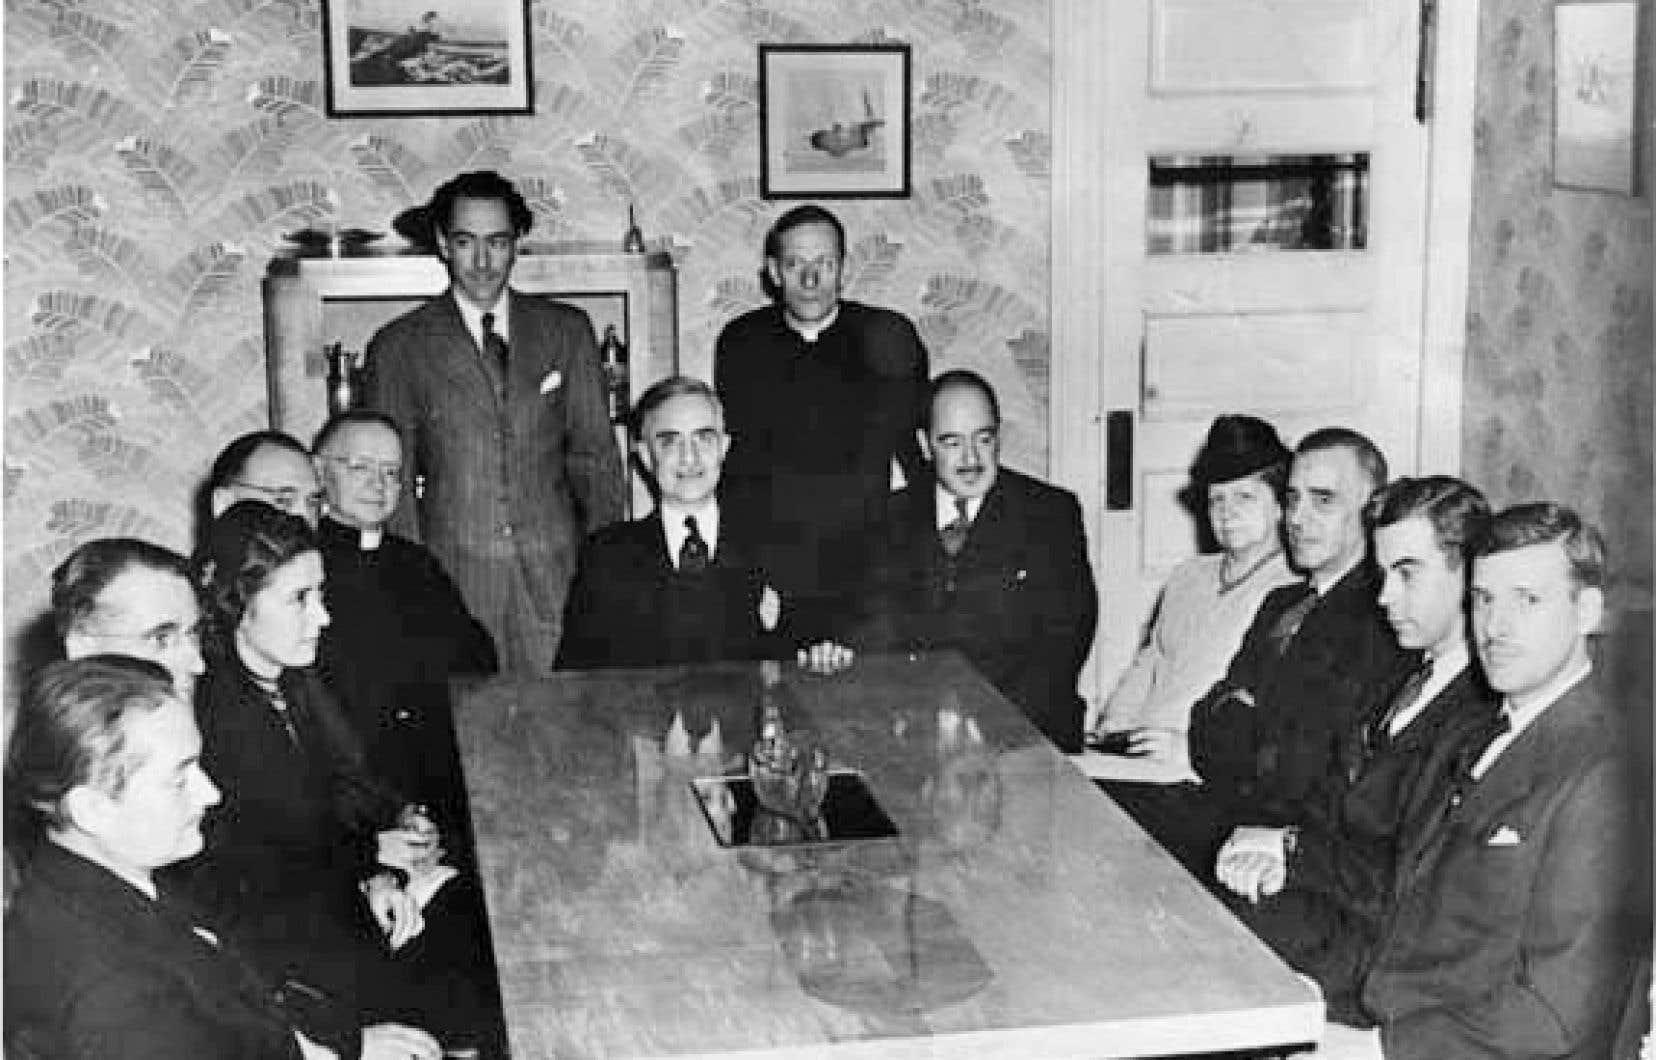 Le 8 décembre 1944, les membres de l'Académie canadienne-française, plus tard renommée l'Académie des lettres du Québec, se réunissaient pour la première fois. Sur la photo, on aperçoit notamment Lionel Groulx, au coin gauche de la table.